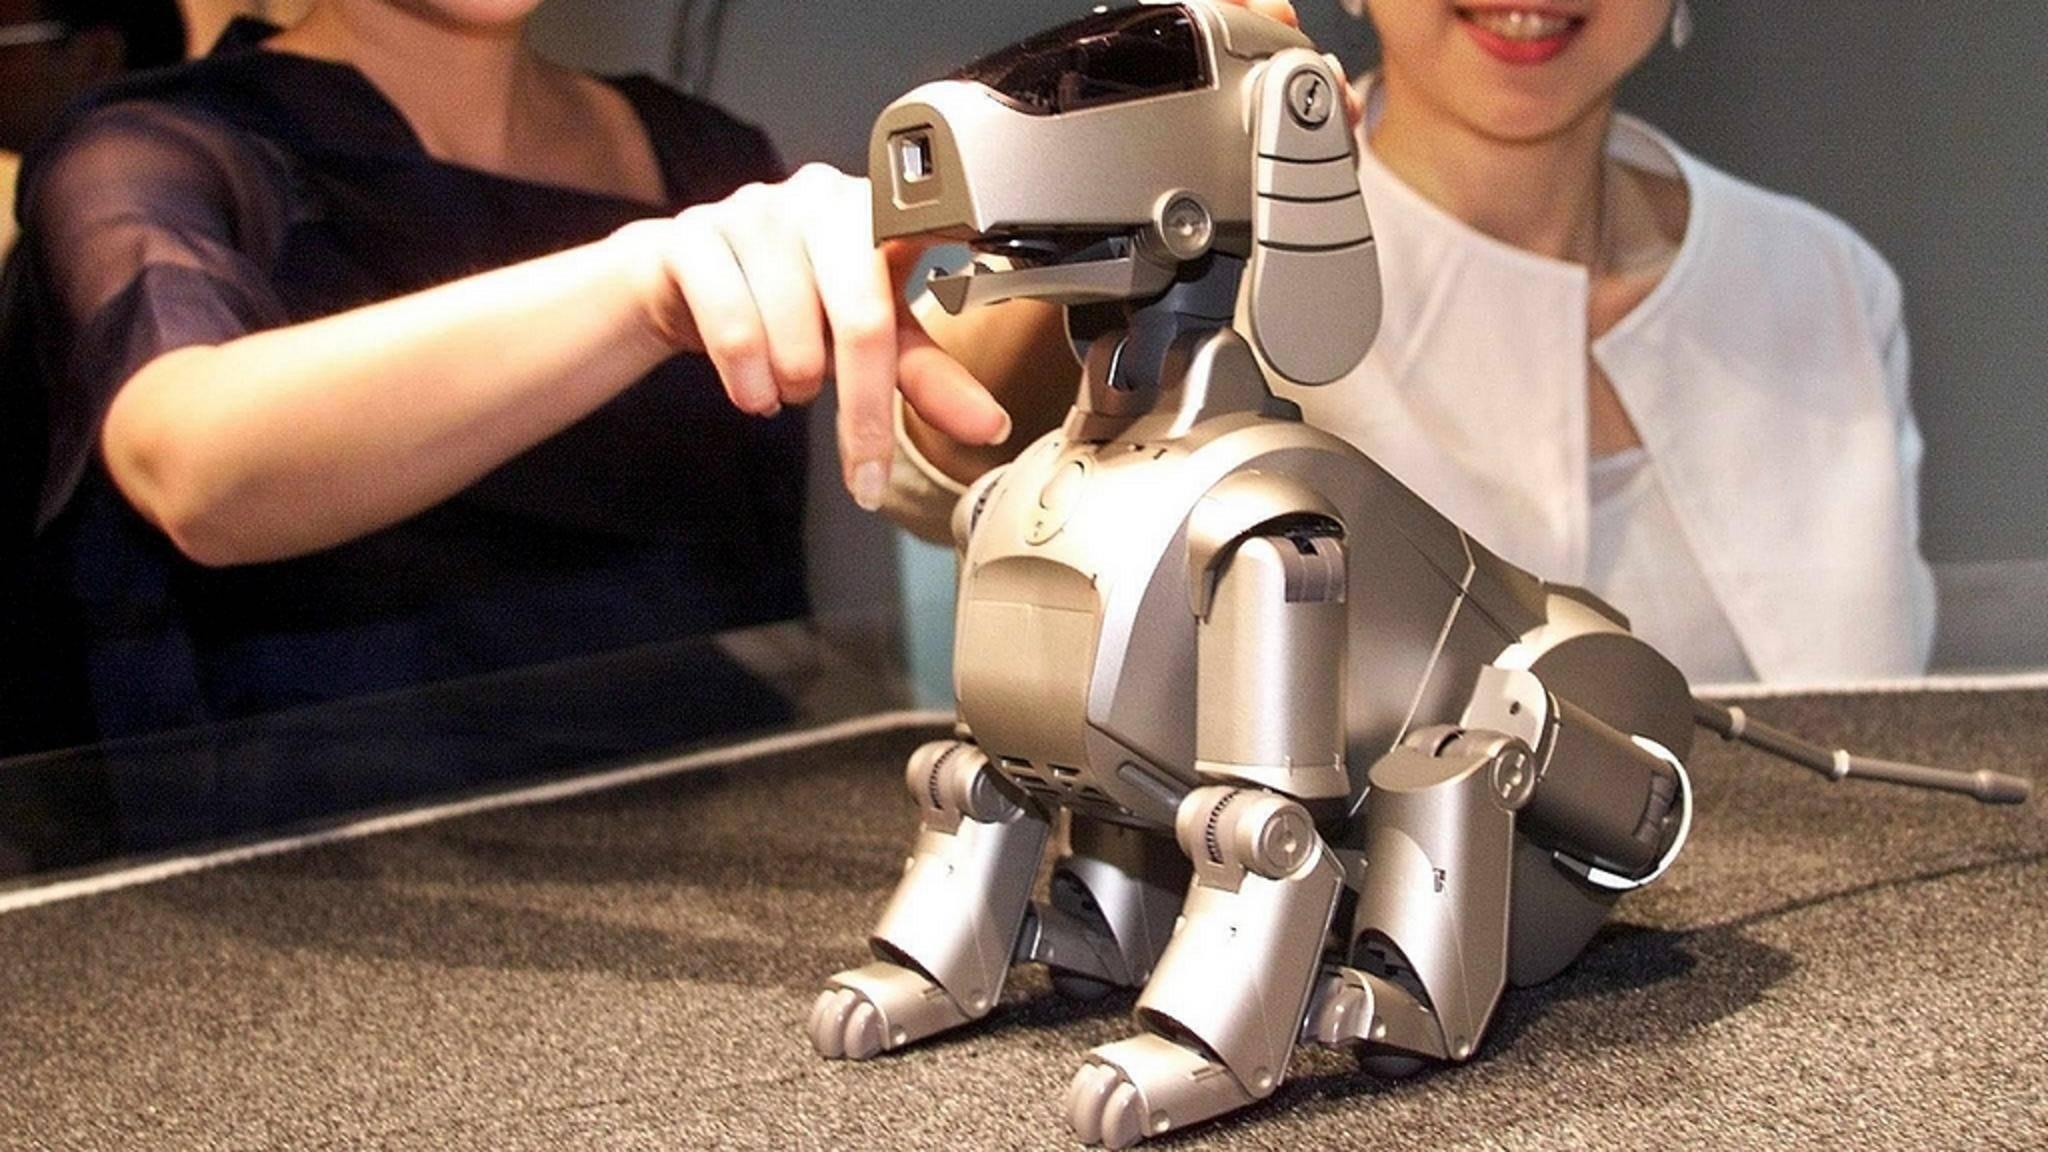 Der Roboter-Hund Aibo soll offenbar eine Neuauflage bekommen.